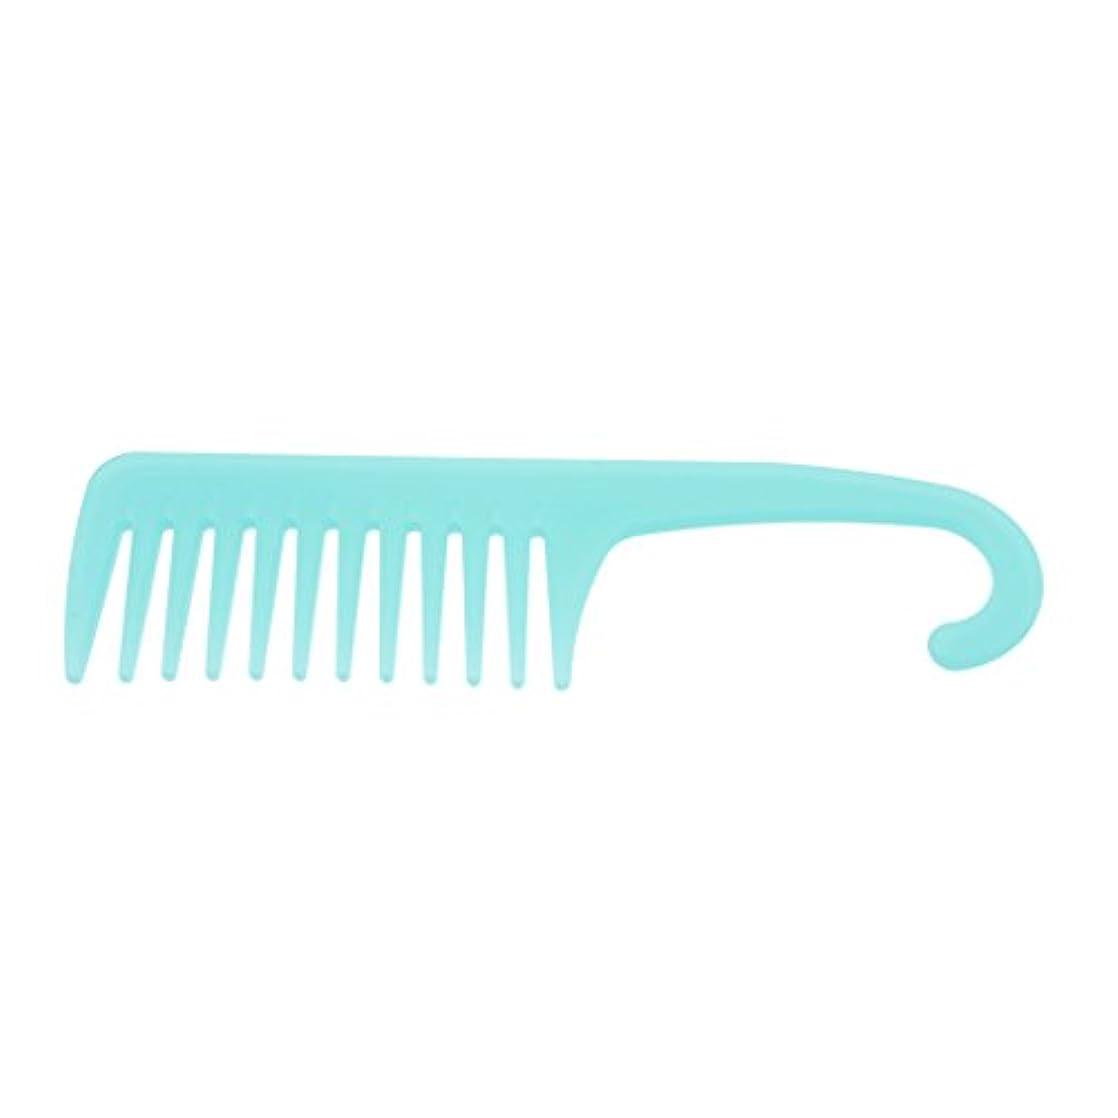 絶縁する宿題フィッティングPerfeclan ワイド歯ブラシ ヘアブラシ プロ ヘアーコンディション 櫛 耐熱性 帯電防止 ヘアコーム 3タイプ選べる - A